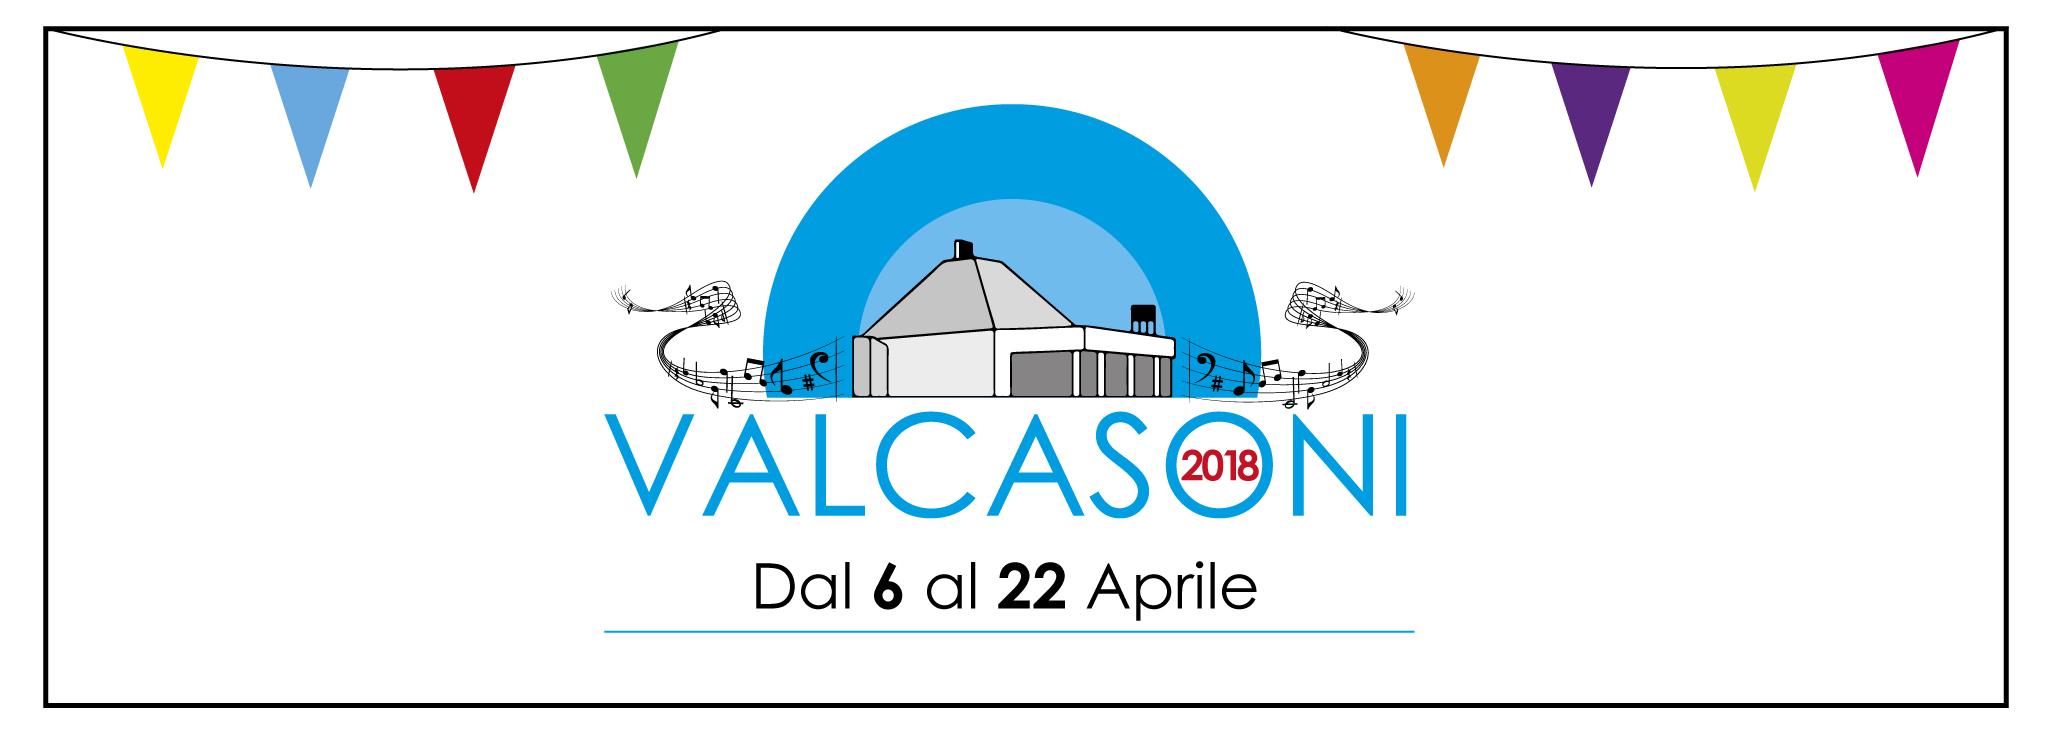 Sagra di Valcasoni